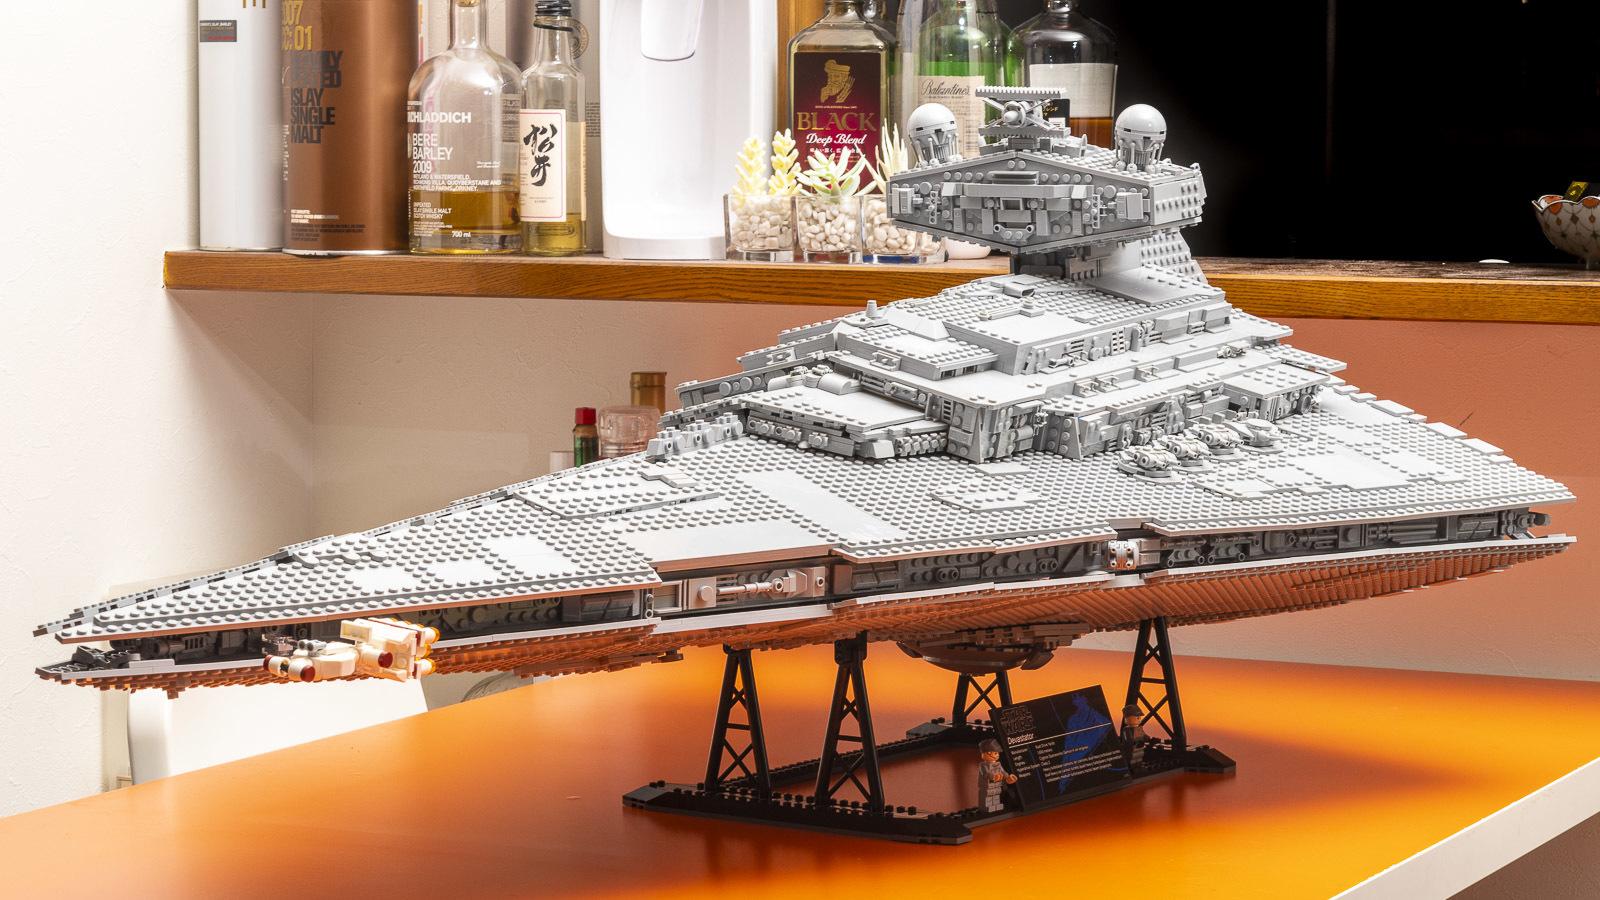 全長1mオーバー、LEGOで組む巨大なスター・デストロイヤーに本物の「優しさ」を感じた話_b0029315_17151025.jpg